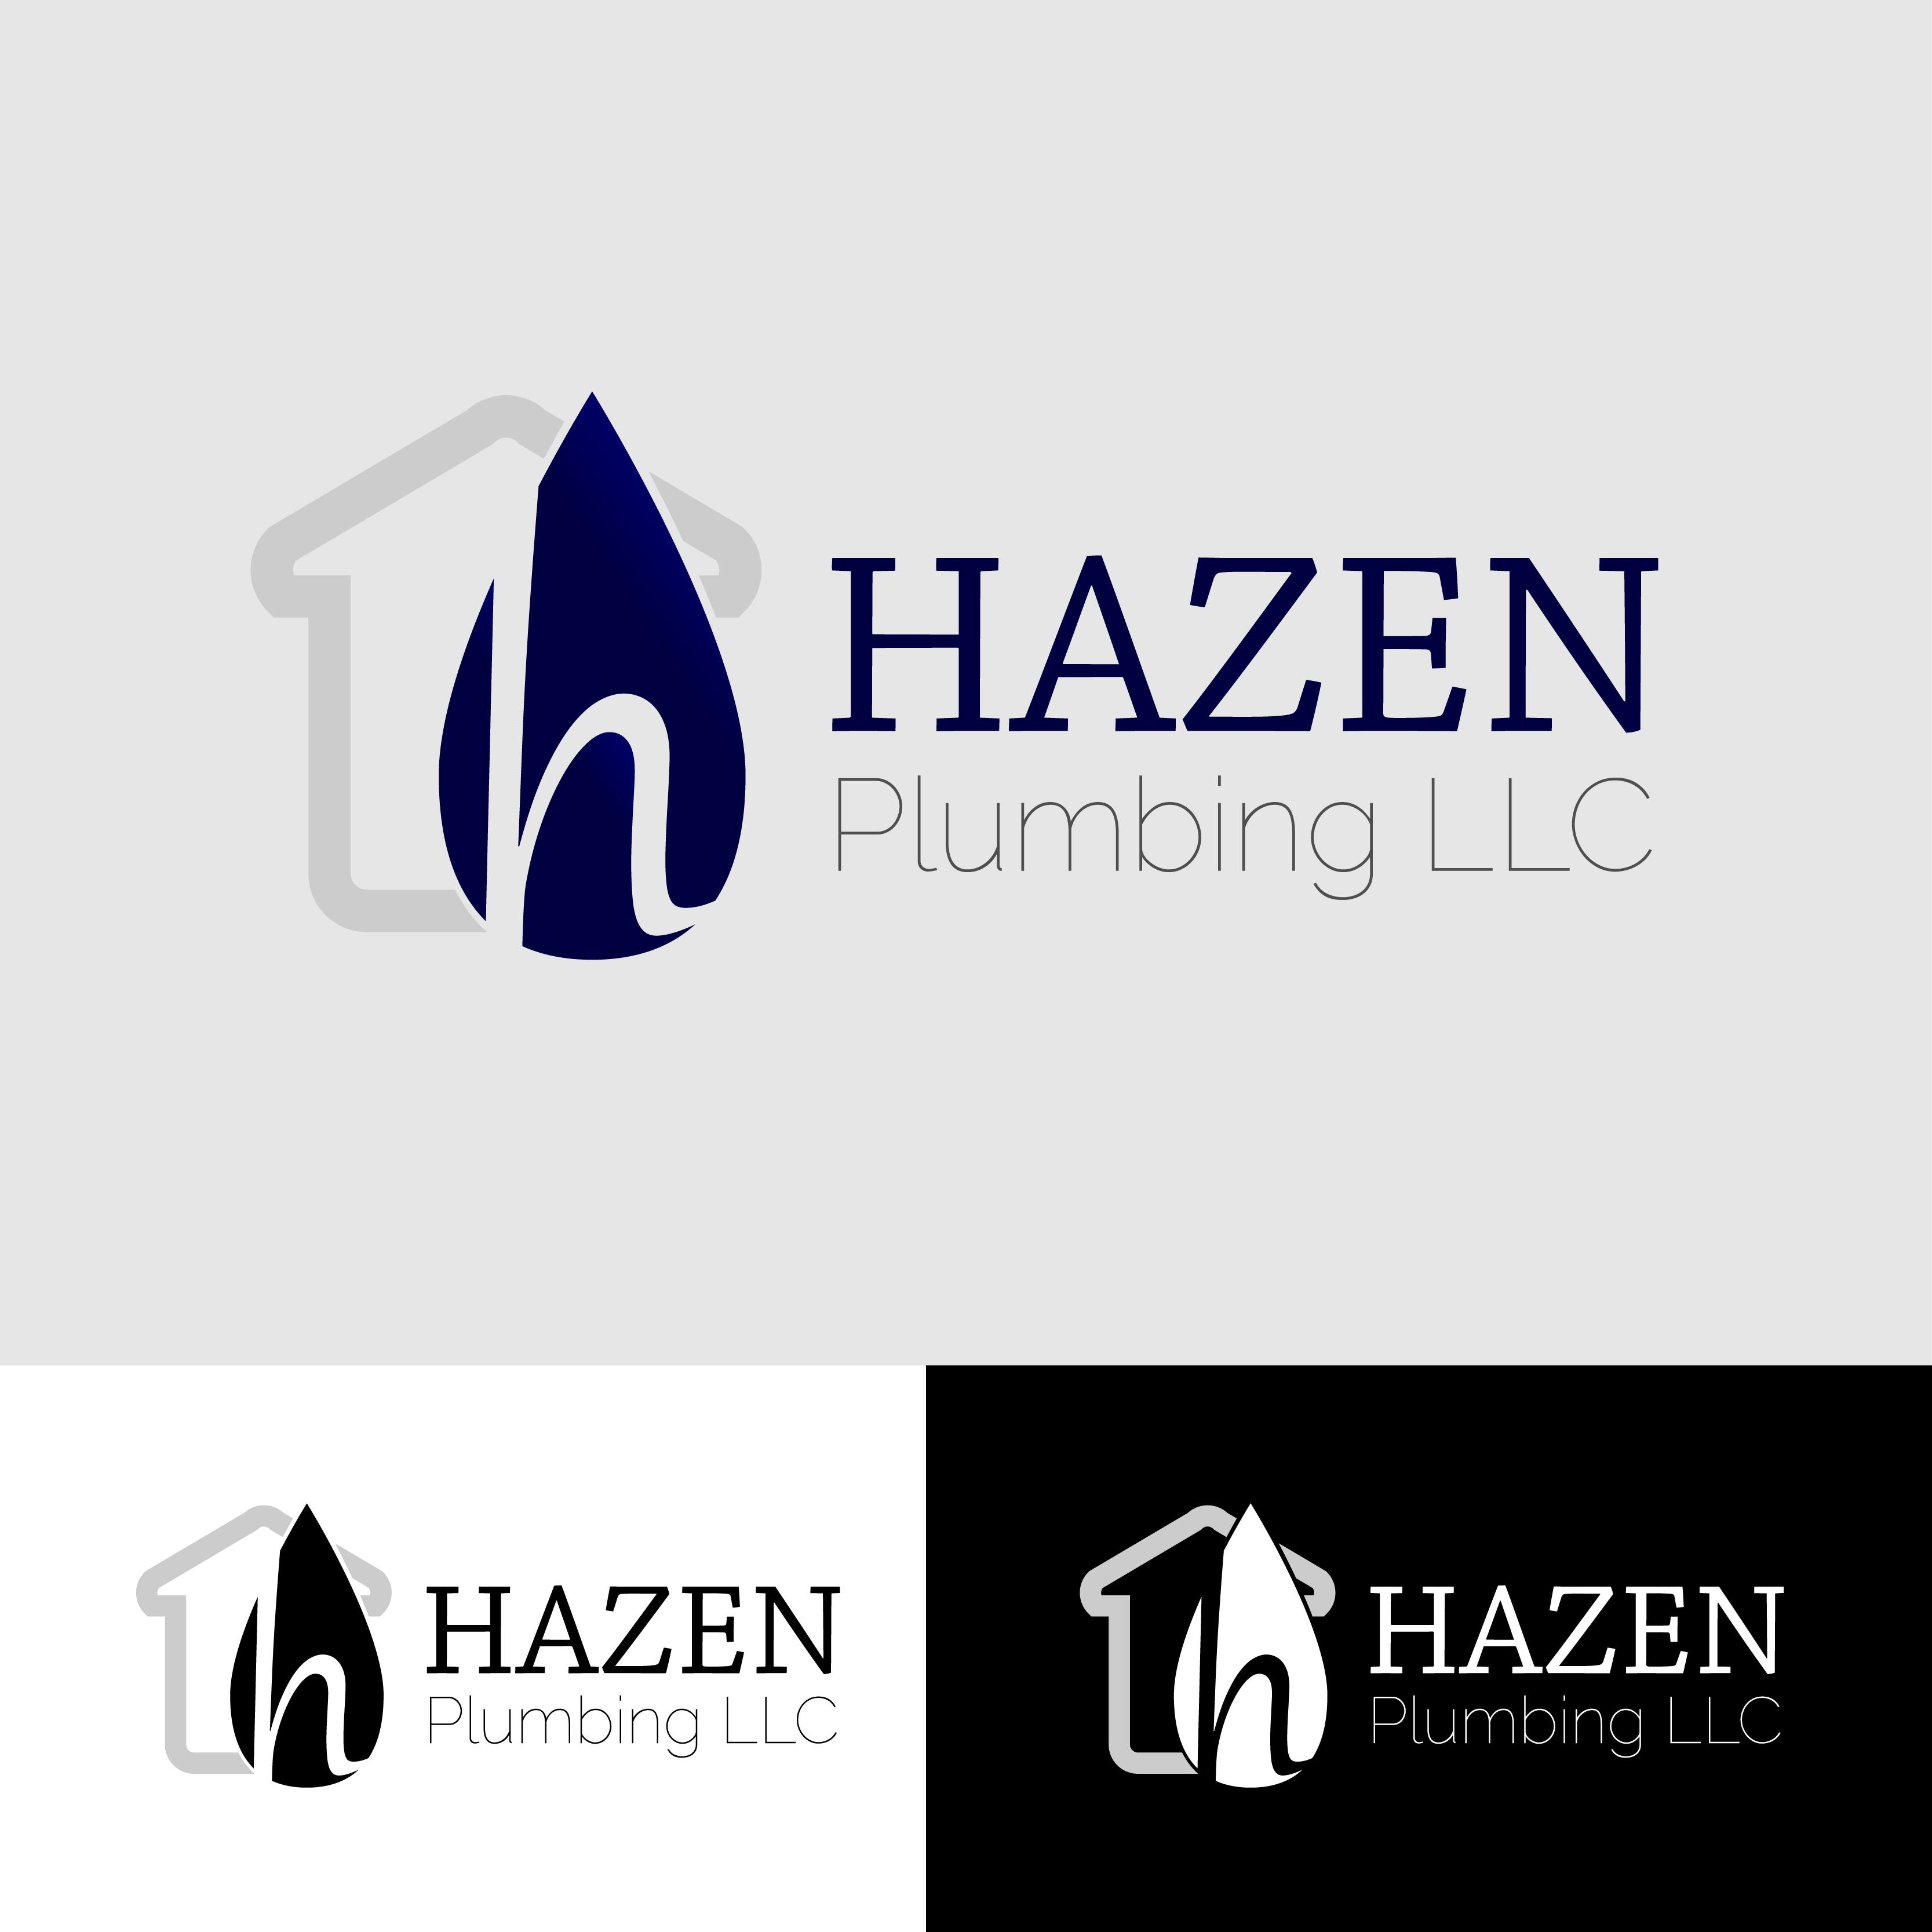 Hazen Plumbing